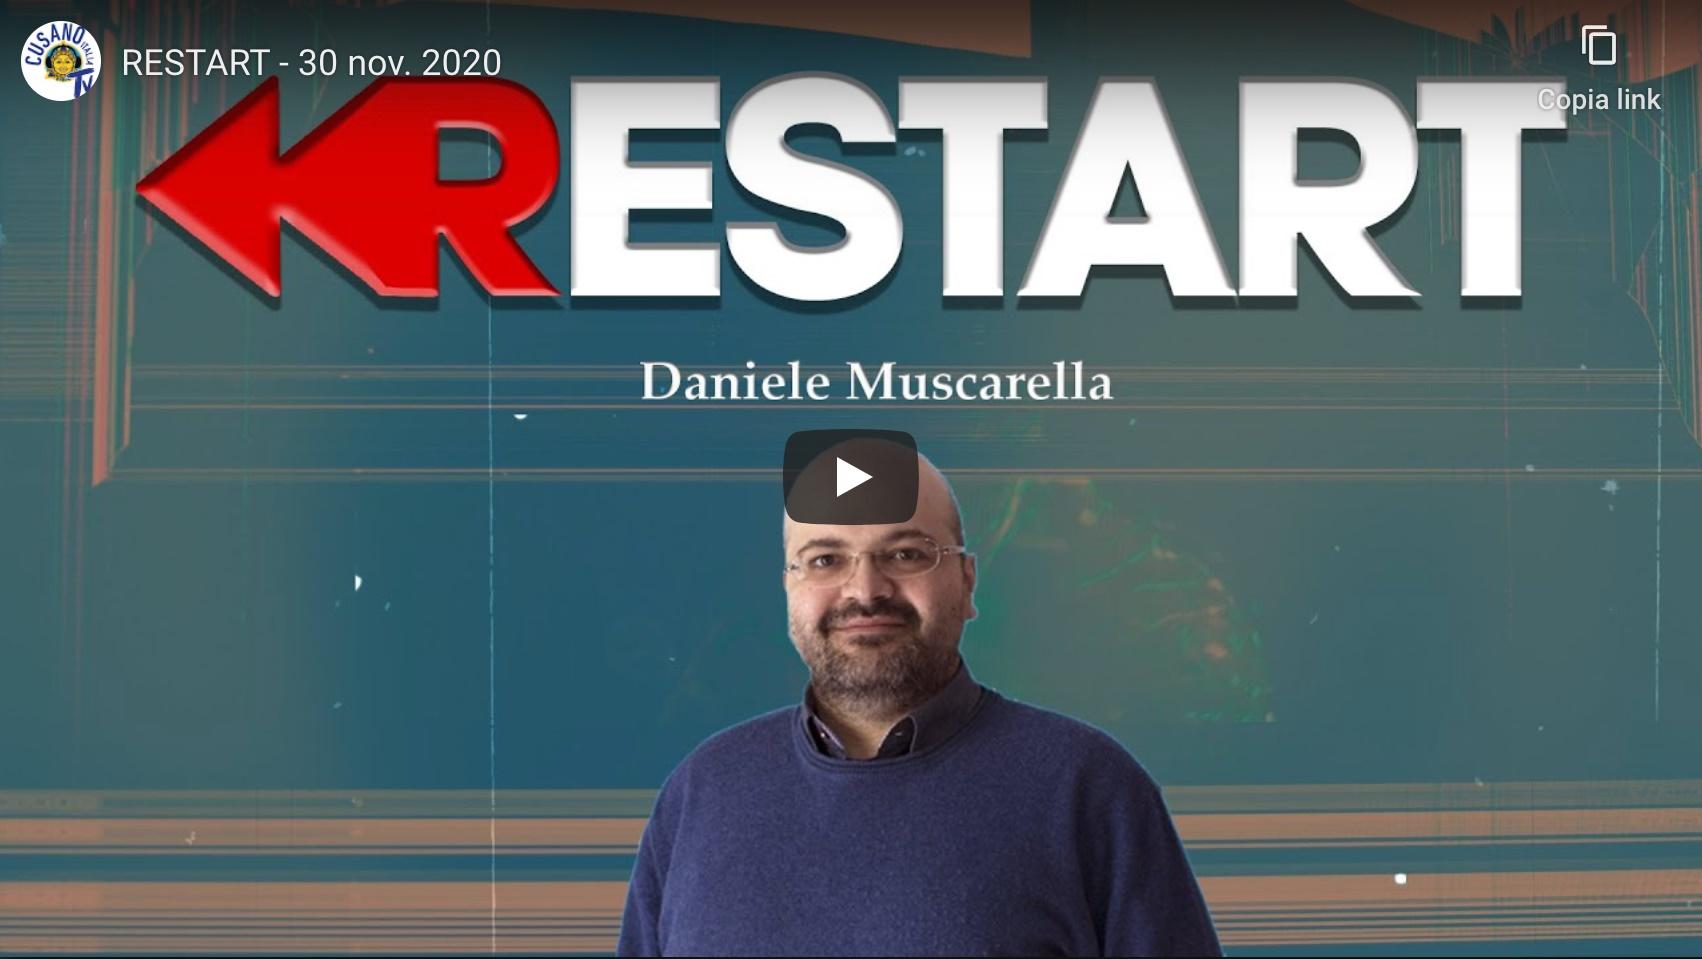 L'Ing. Muscarella intervistato a Restart sui temi della web reputation, dell'educazione digitale e della sicurezza dei dati